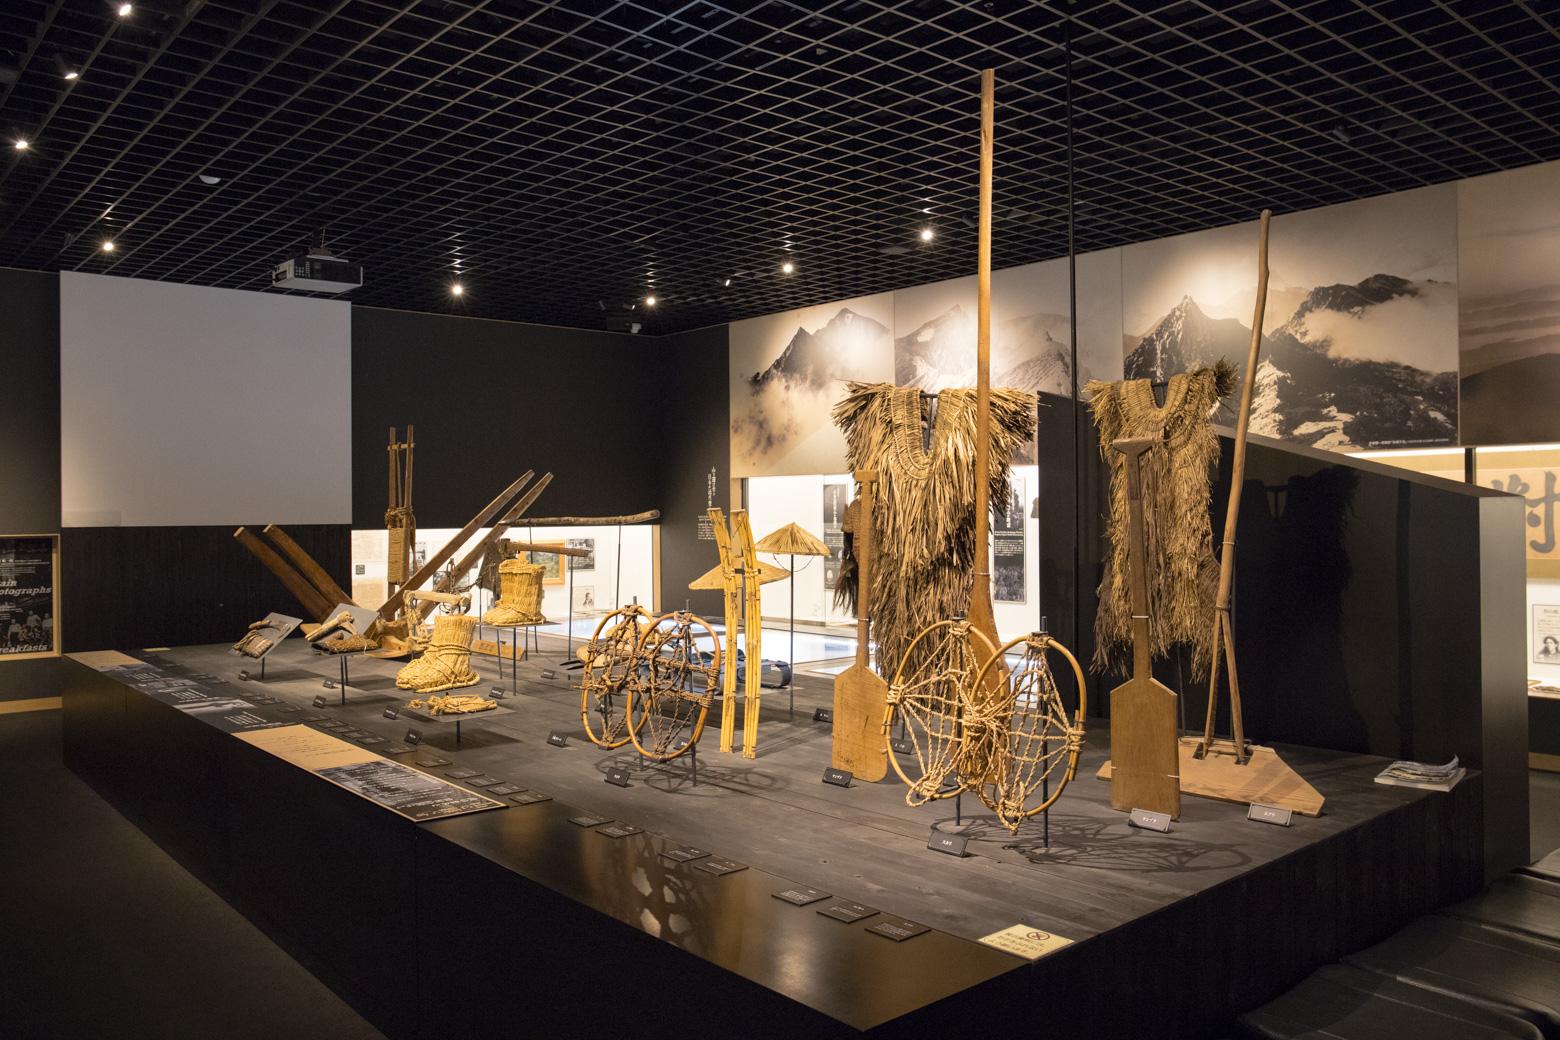 過去に使用されていた山道具の展示